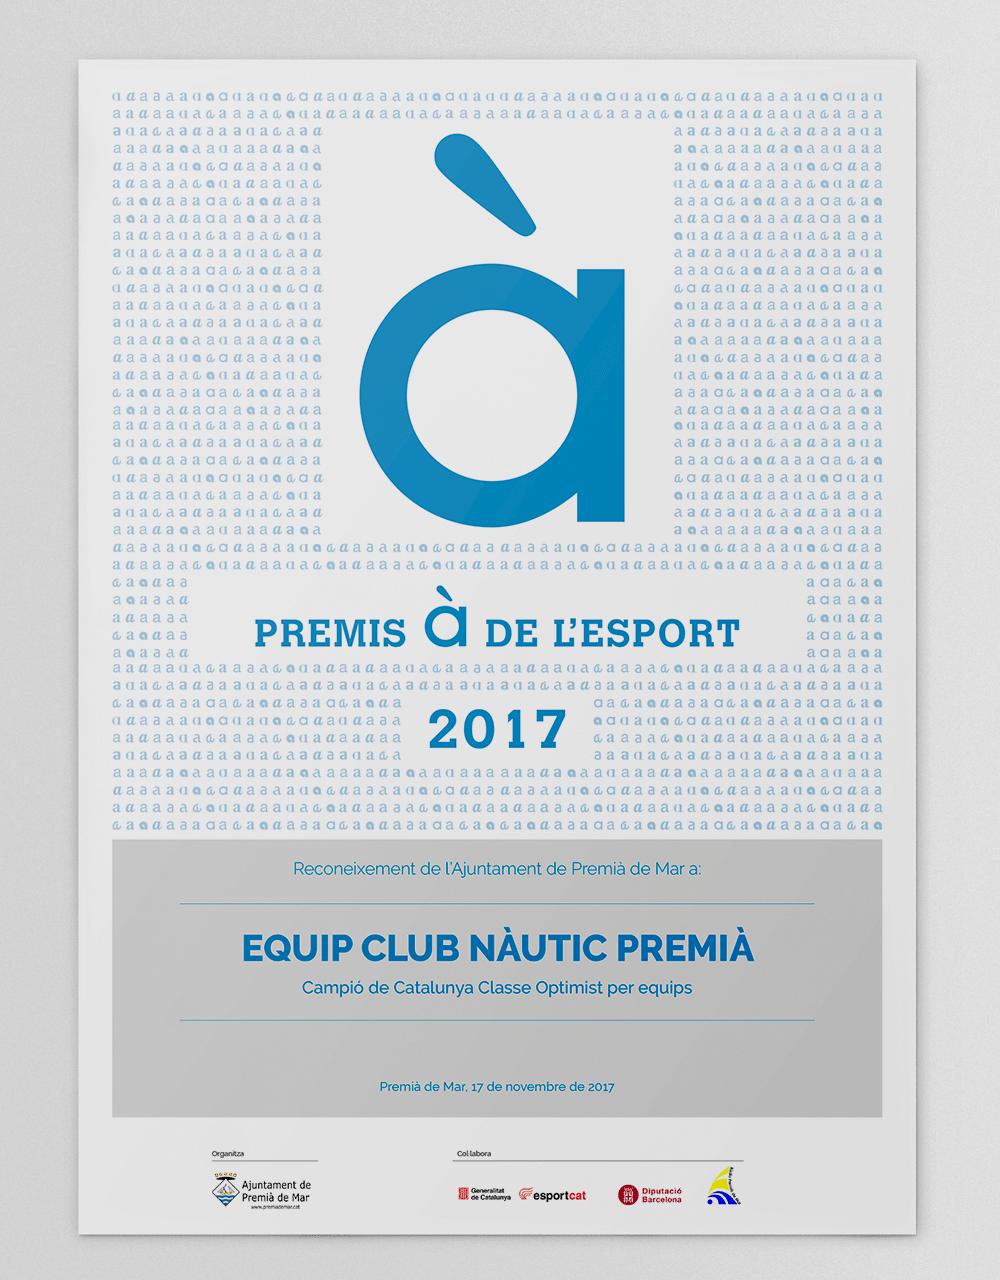 Diploma_PremisA_de_esport_Premia_de_Mar_2017